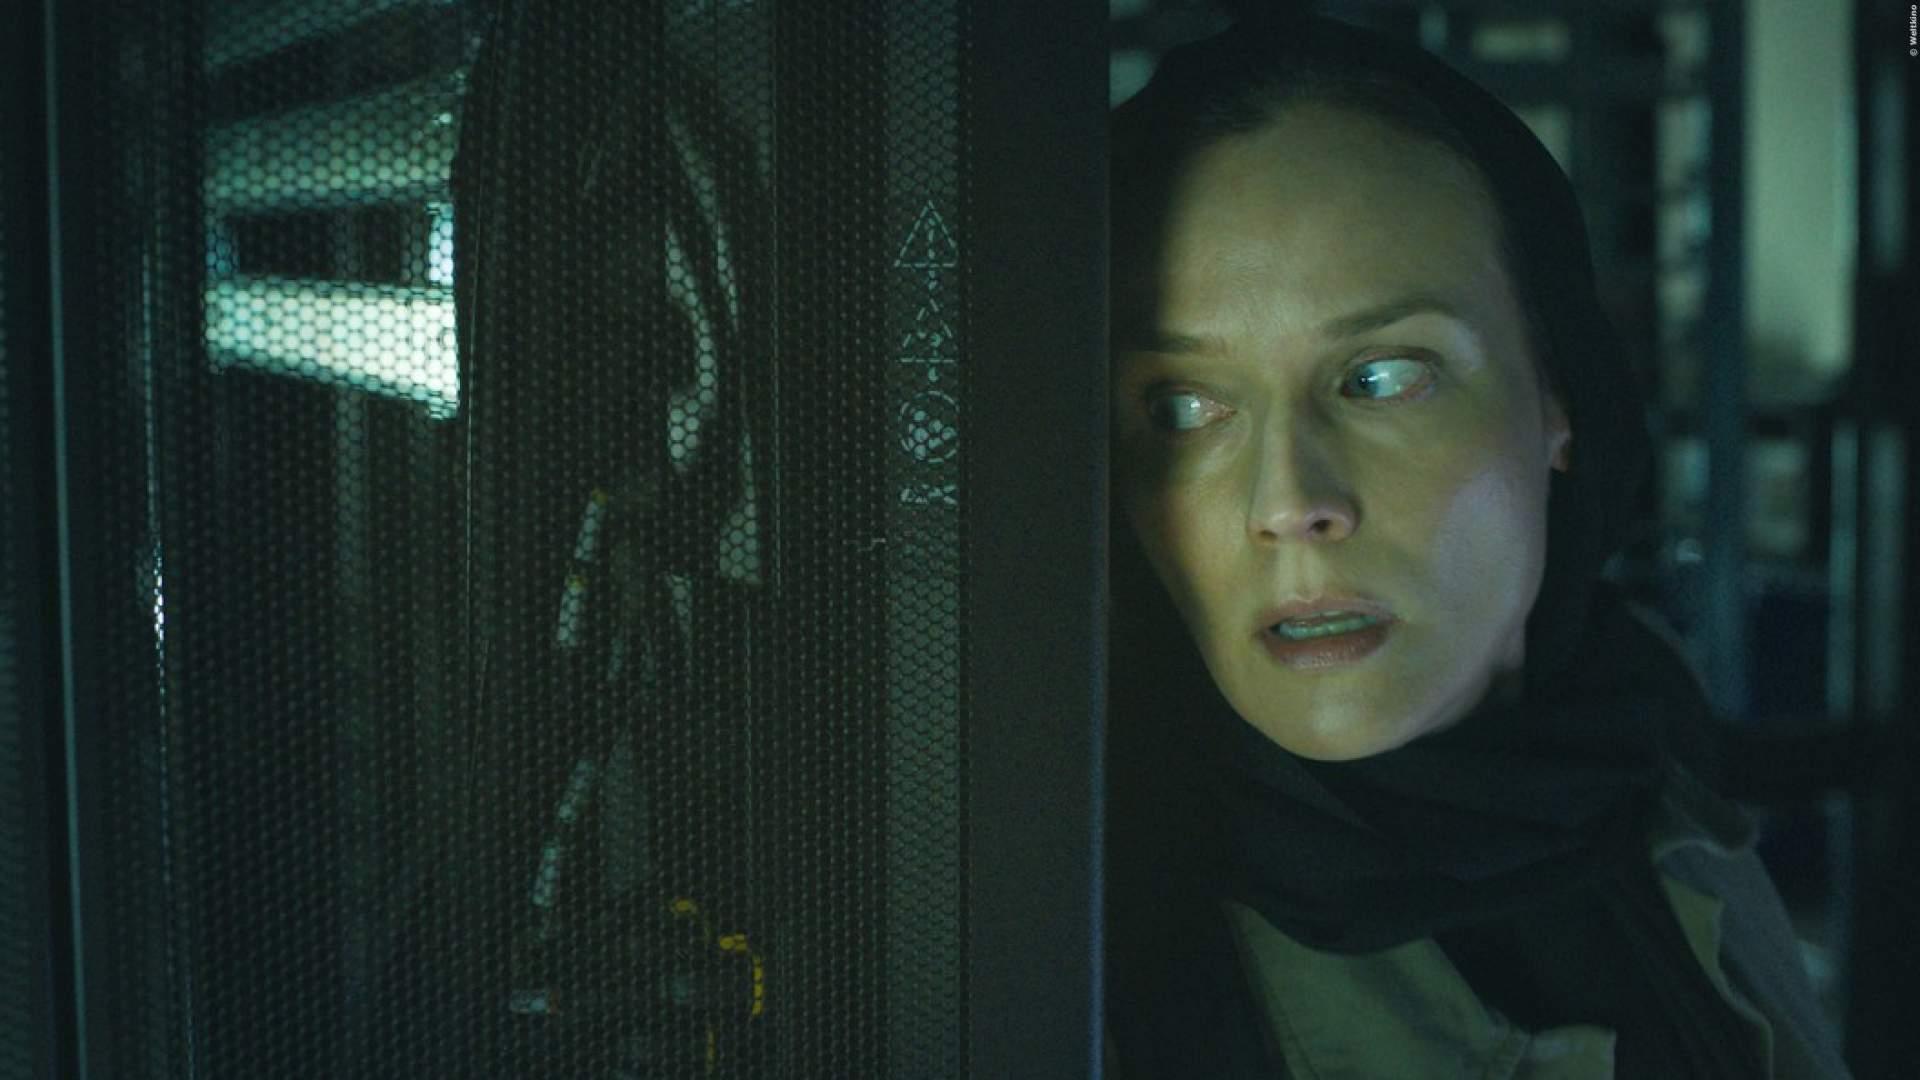 DIE AGENTIN: Diana Kruger und Martin Freeman im Trailer zum Thriller